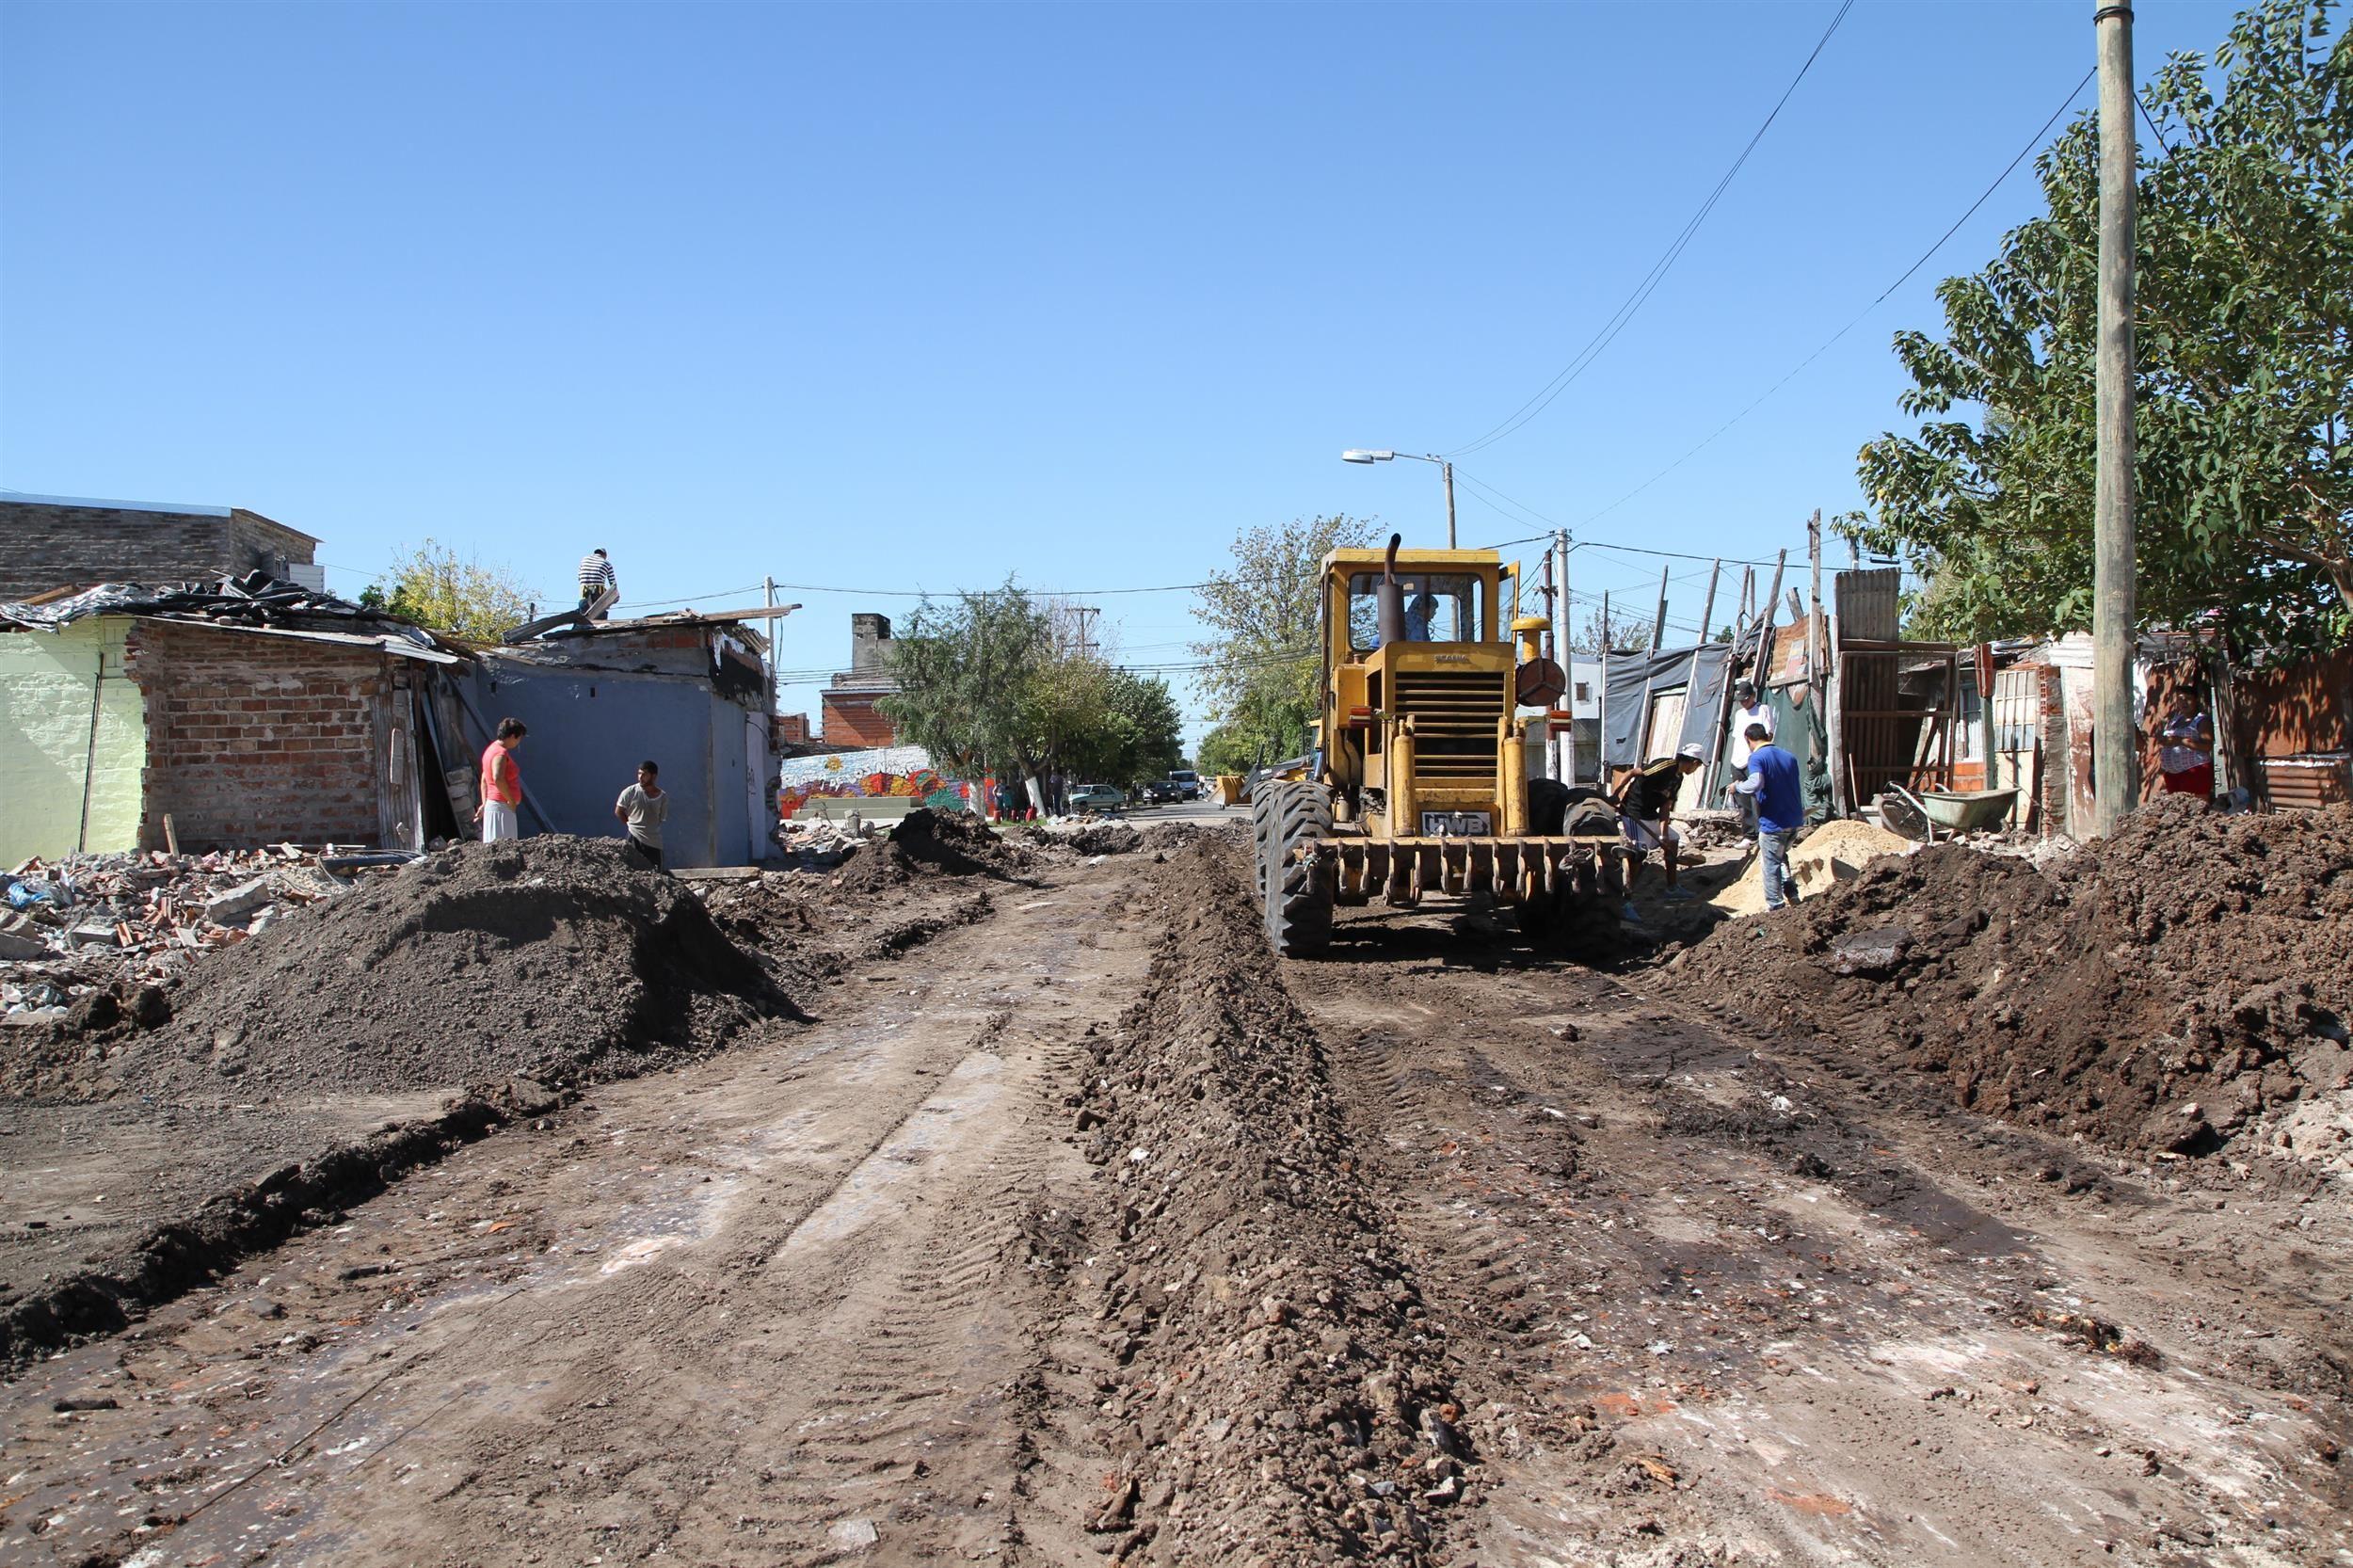 El plan contempla la apertura de calles en zonas marginales para llevar urbanización.